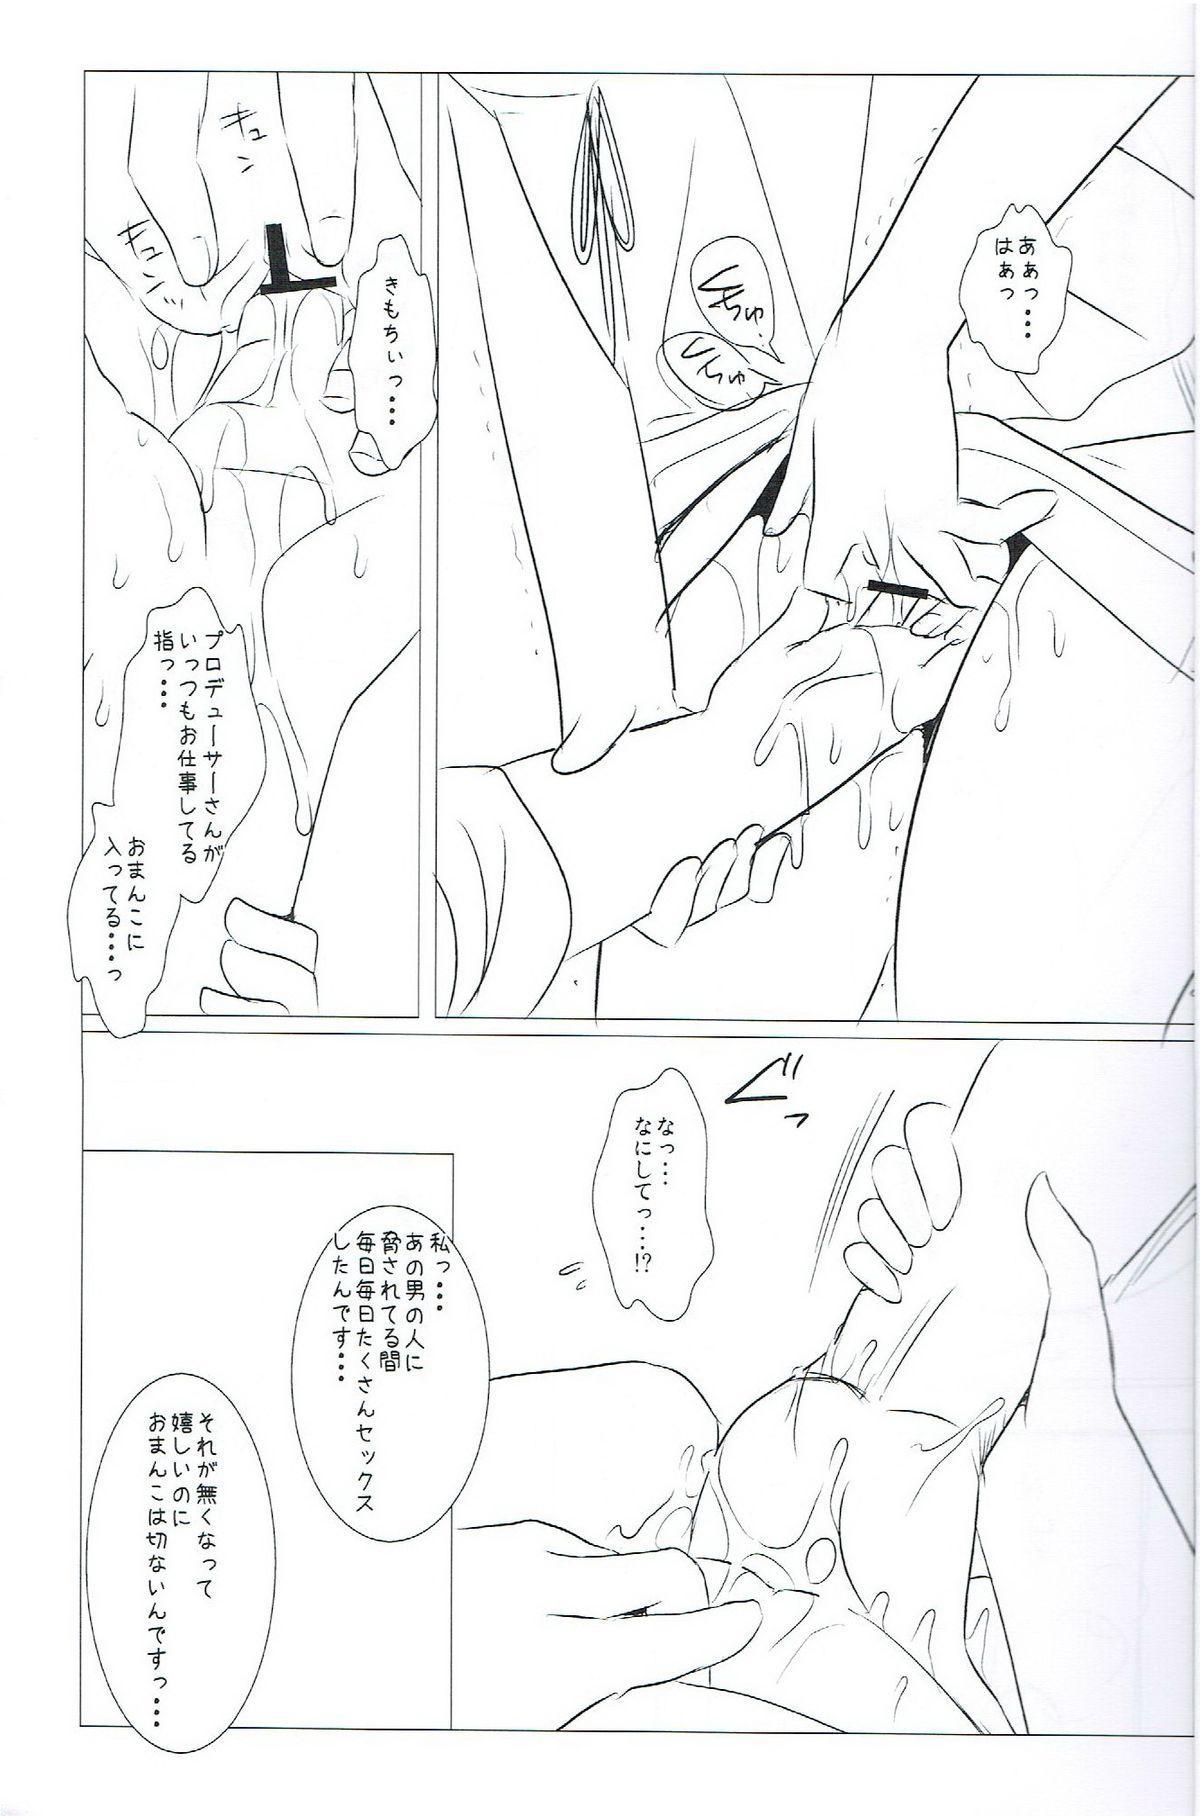 Idol Ryoujoku 6.5 Amami Haruka Gentei Copybon 3